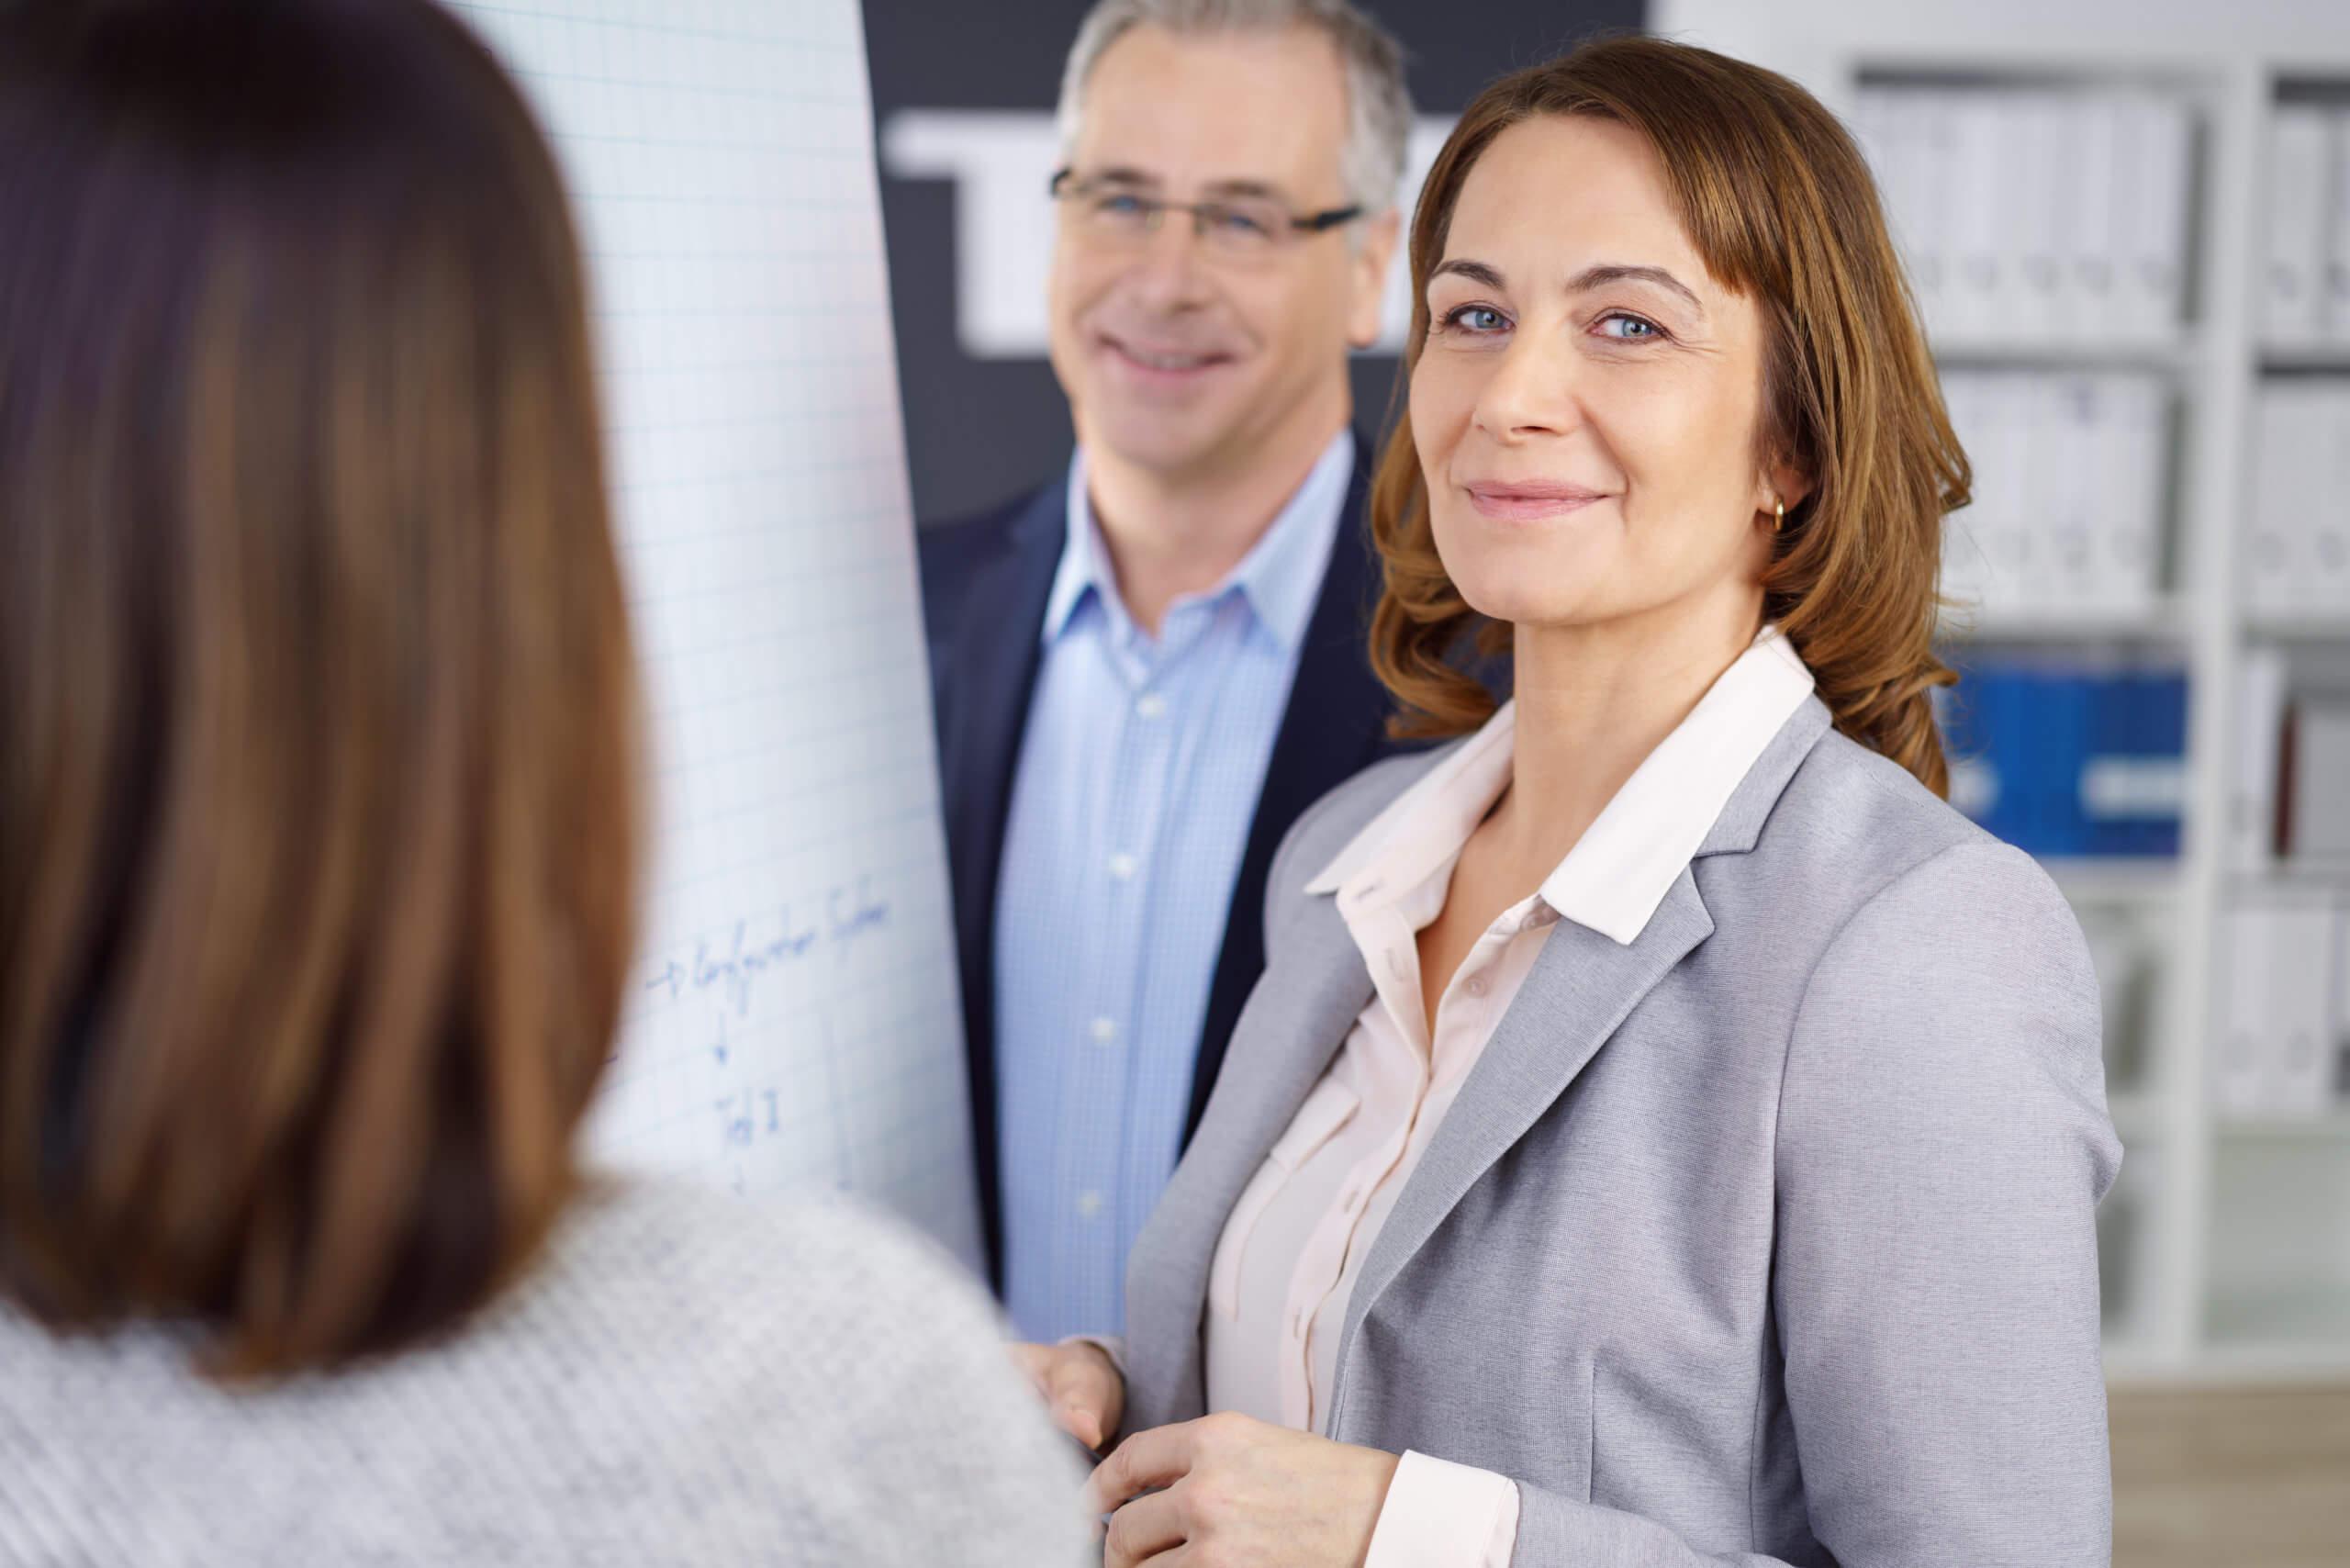 Geschäftsführung Eingliederungshilfe_Interim Management